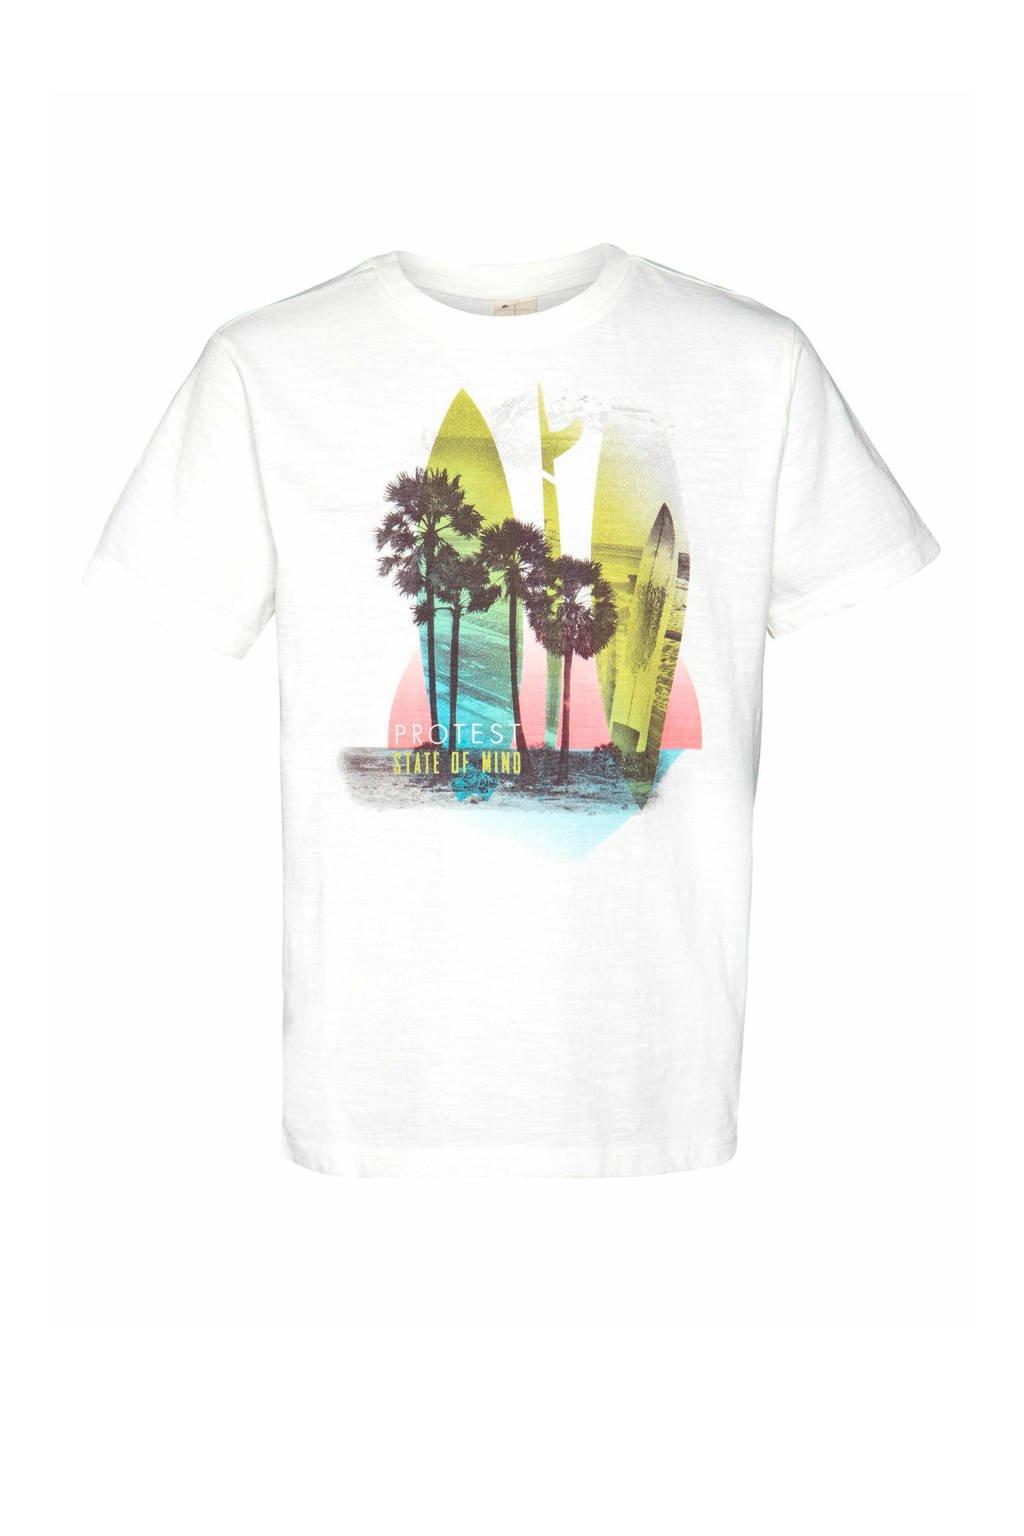 Protest T-shirt Rik wit, Seashell